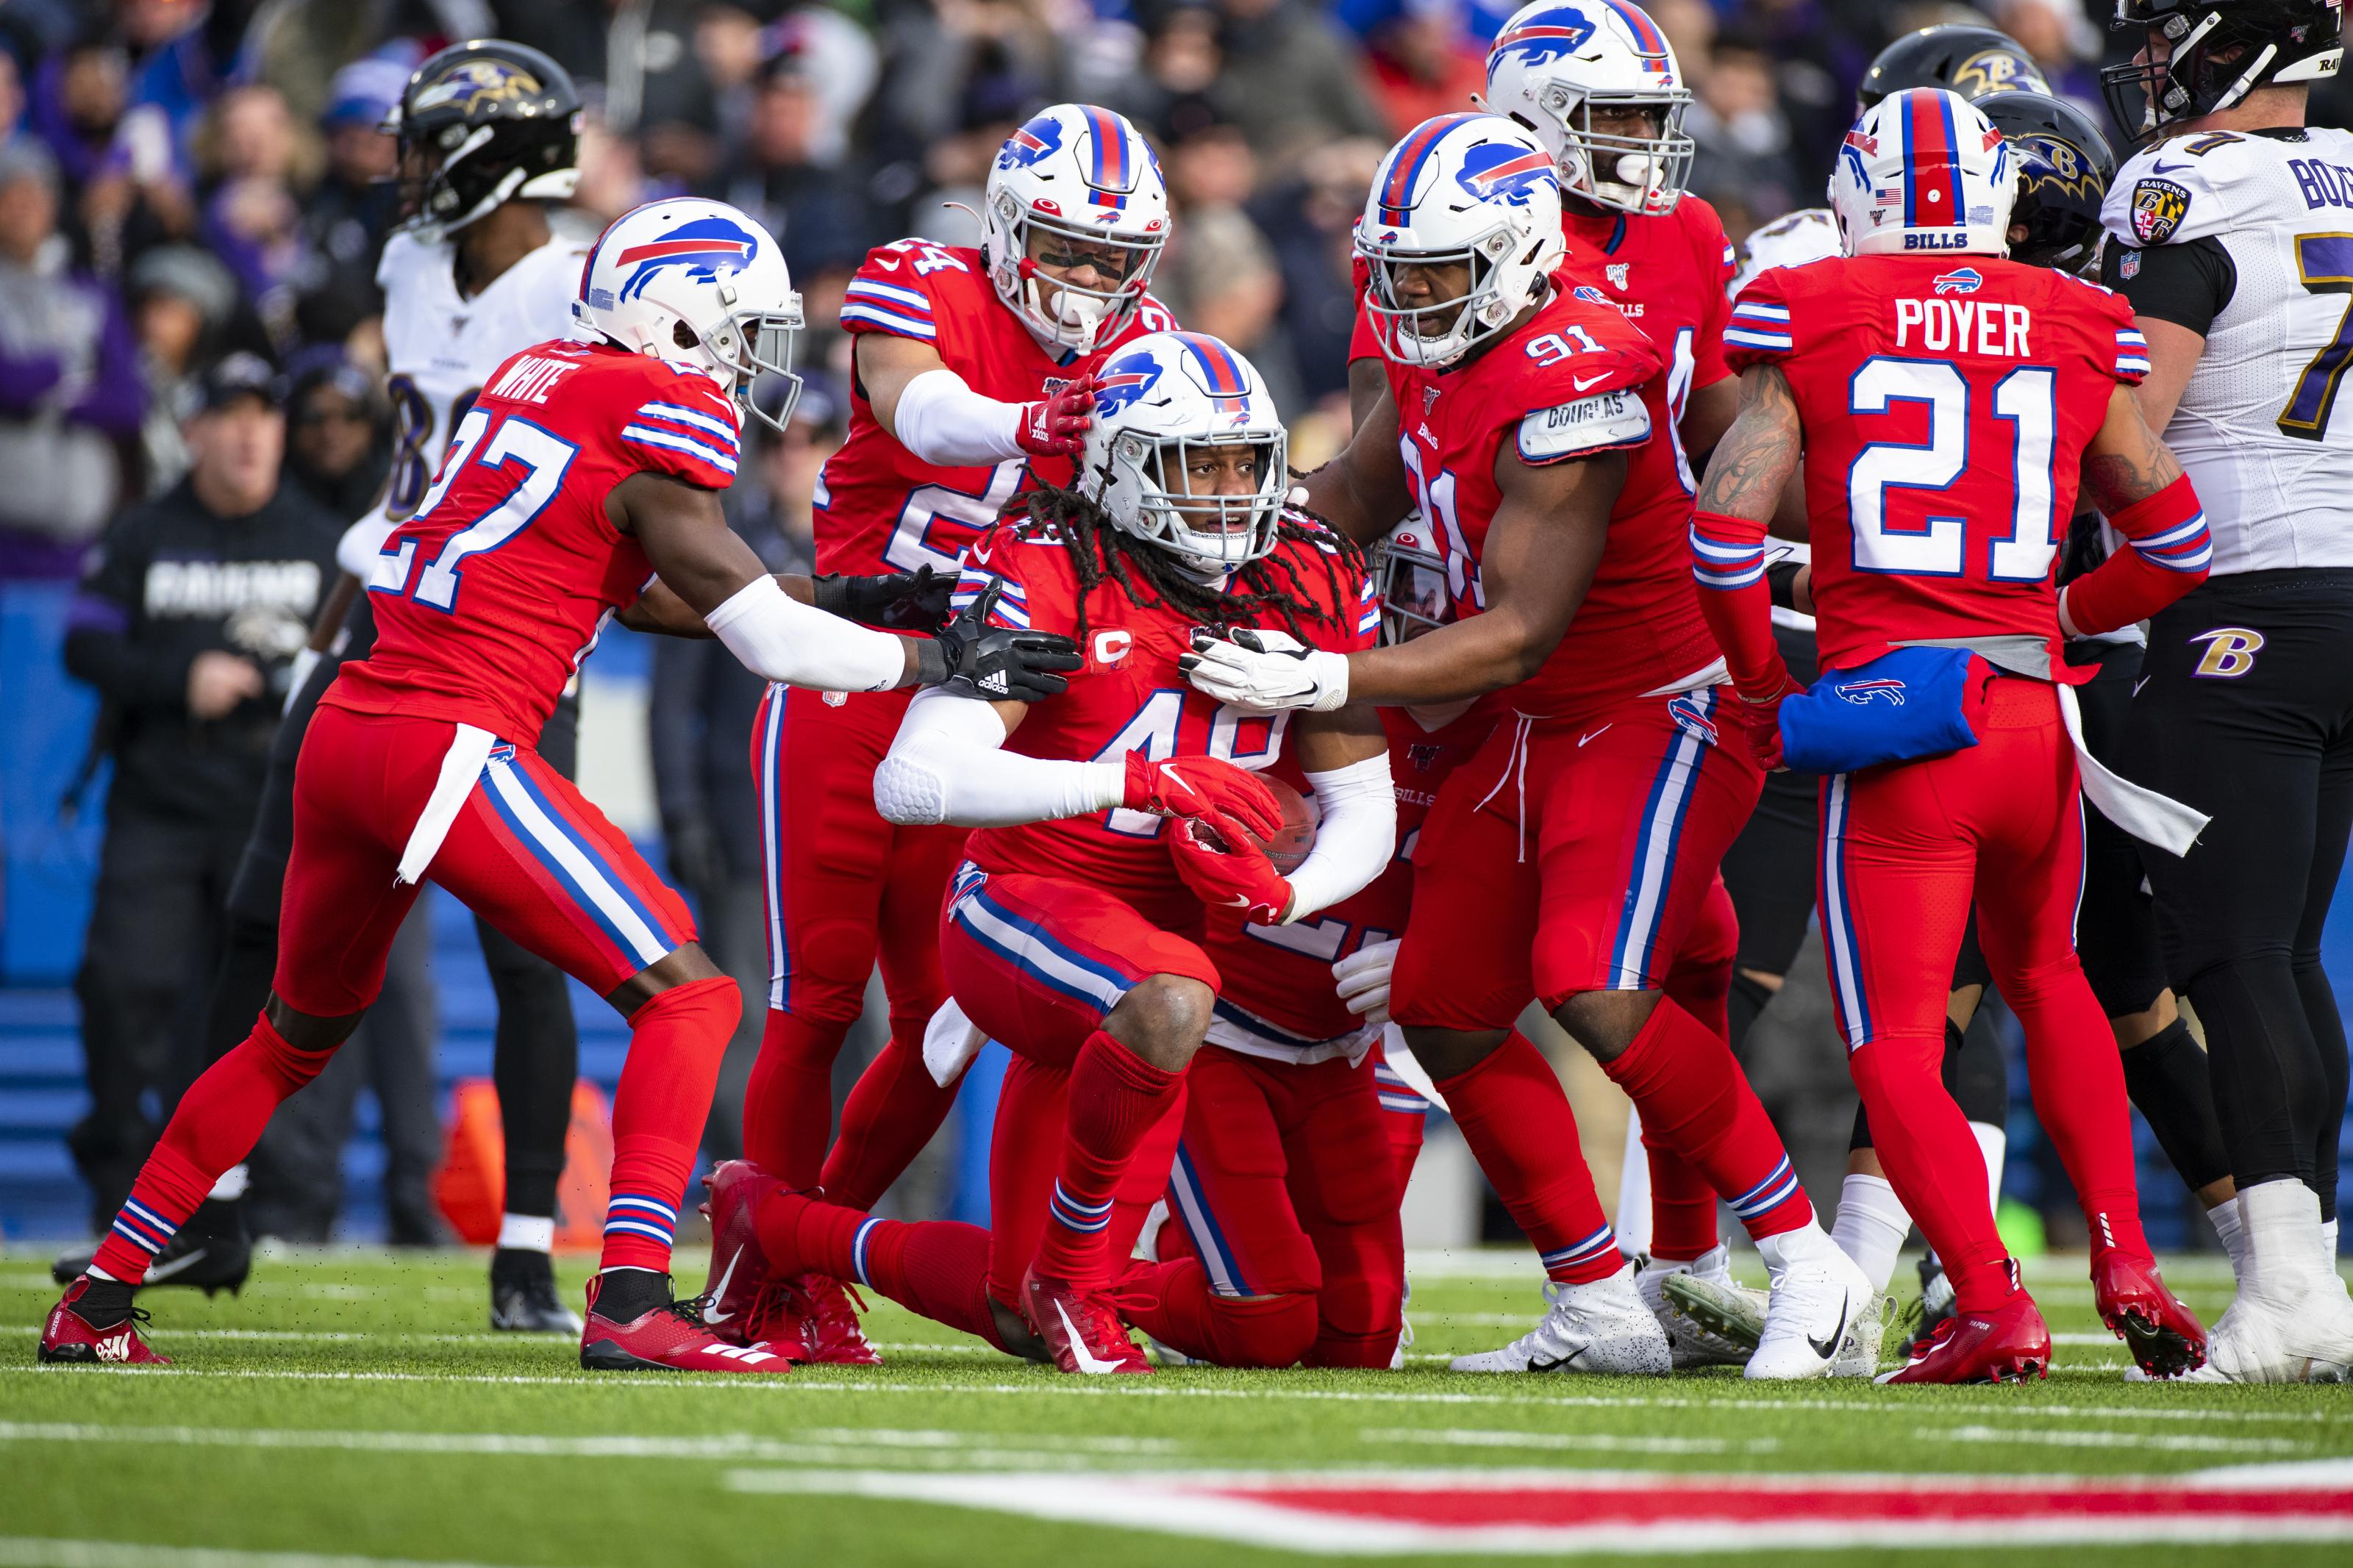 5 breakout stars to watch for Buffalo Bills in 2020